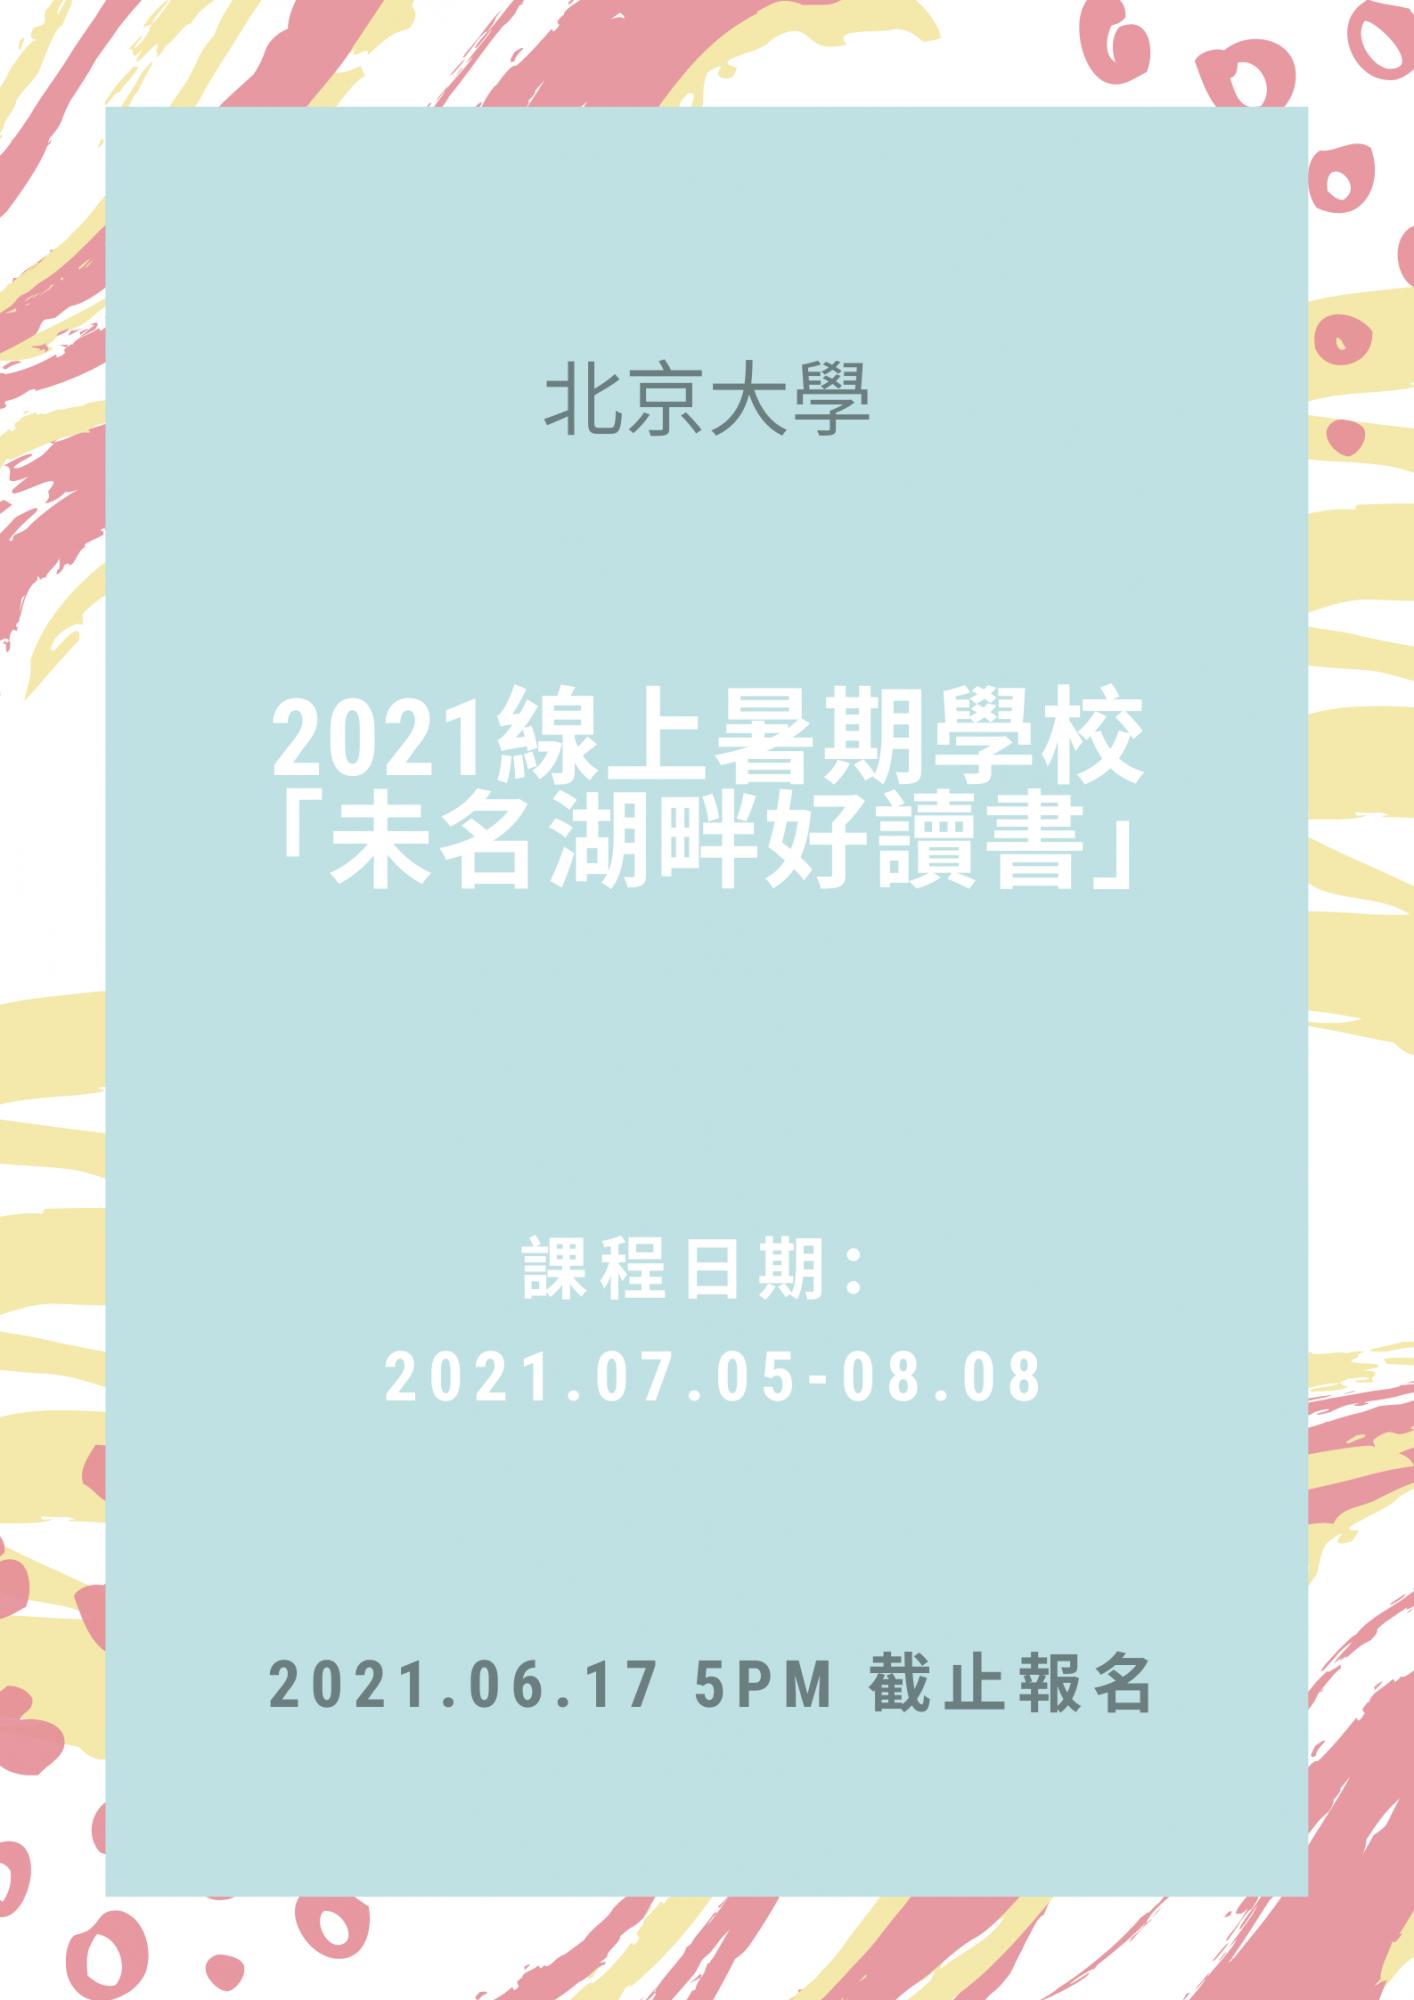 北京大學2021線上暑期學校「未名湖畔好讀書」